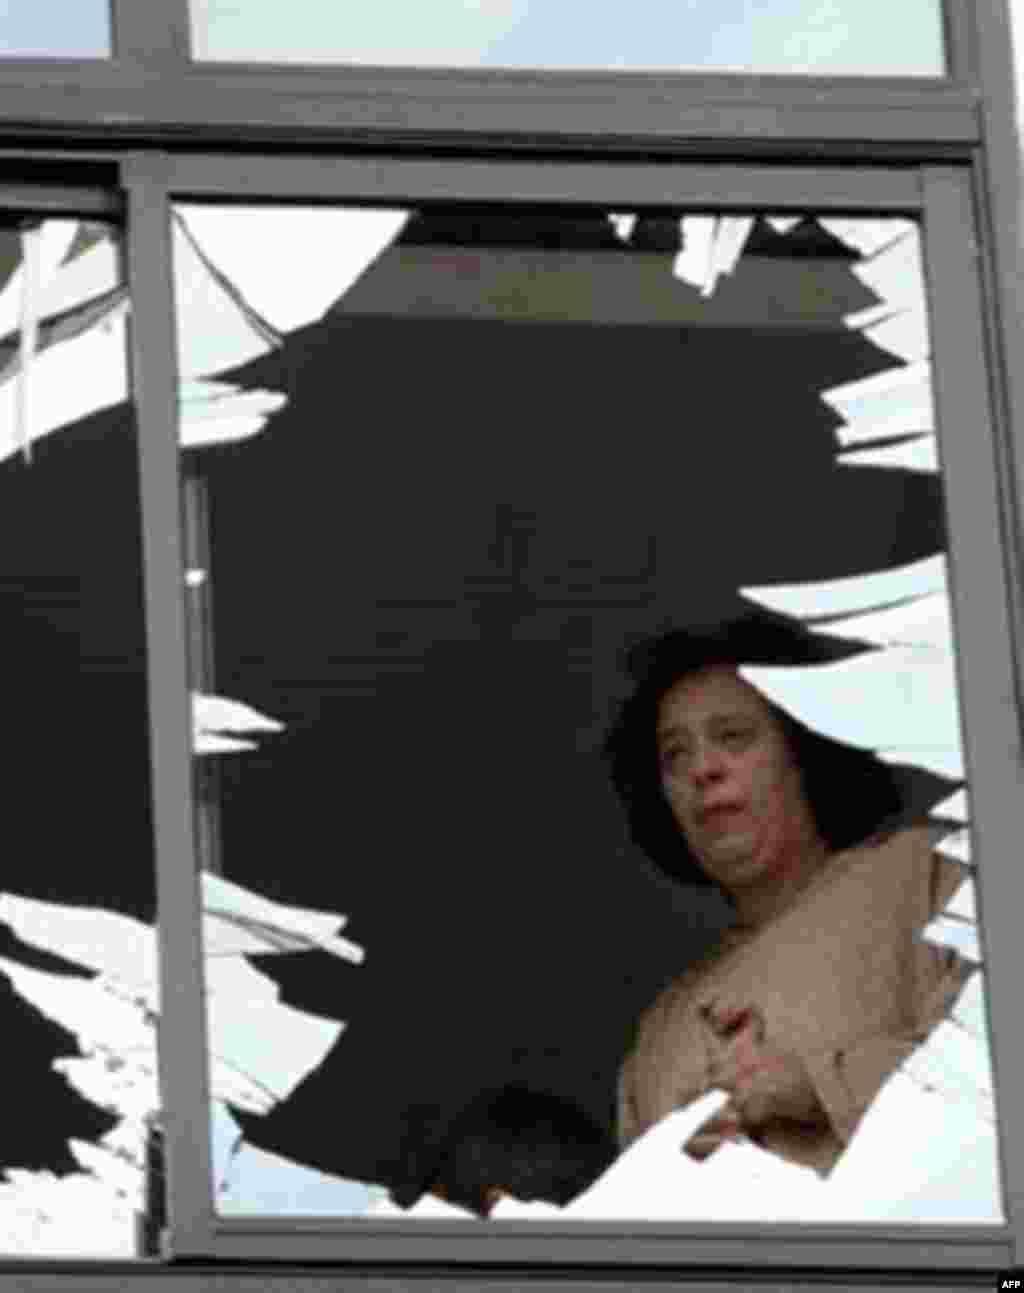 Kasablanka şəhərindəki yəhudi mərkəzində partlayış. 17 may 2003 (AFP) - 2003-cü il mayın 17-də Mərakeşin Kasablanka şəhərində eyni vaxtda azı 5 bombanın partlaması nəticəsində 45 nəfər ölüb, çoxlu sayda adam yaralanıb. Hökumət bu hücumlarda «əl-Qaidə» terrorçularını suçlayıb.